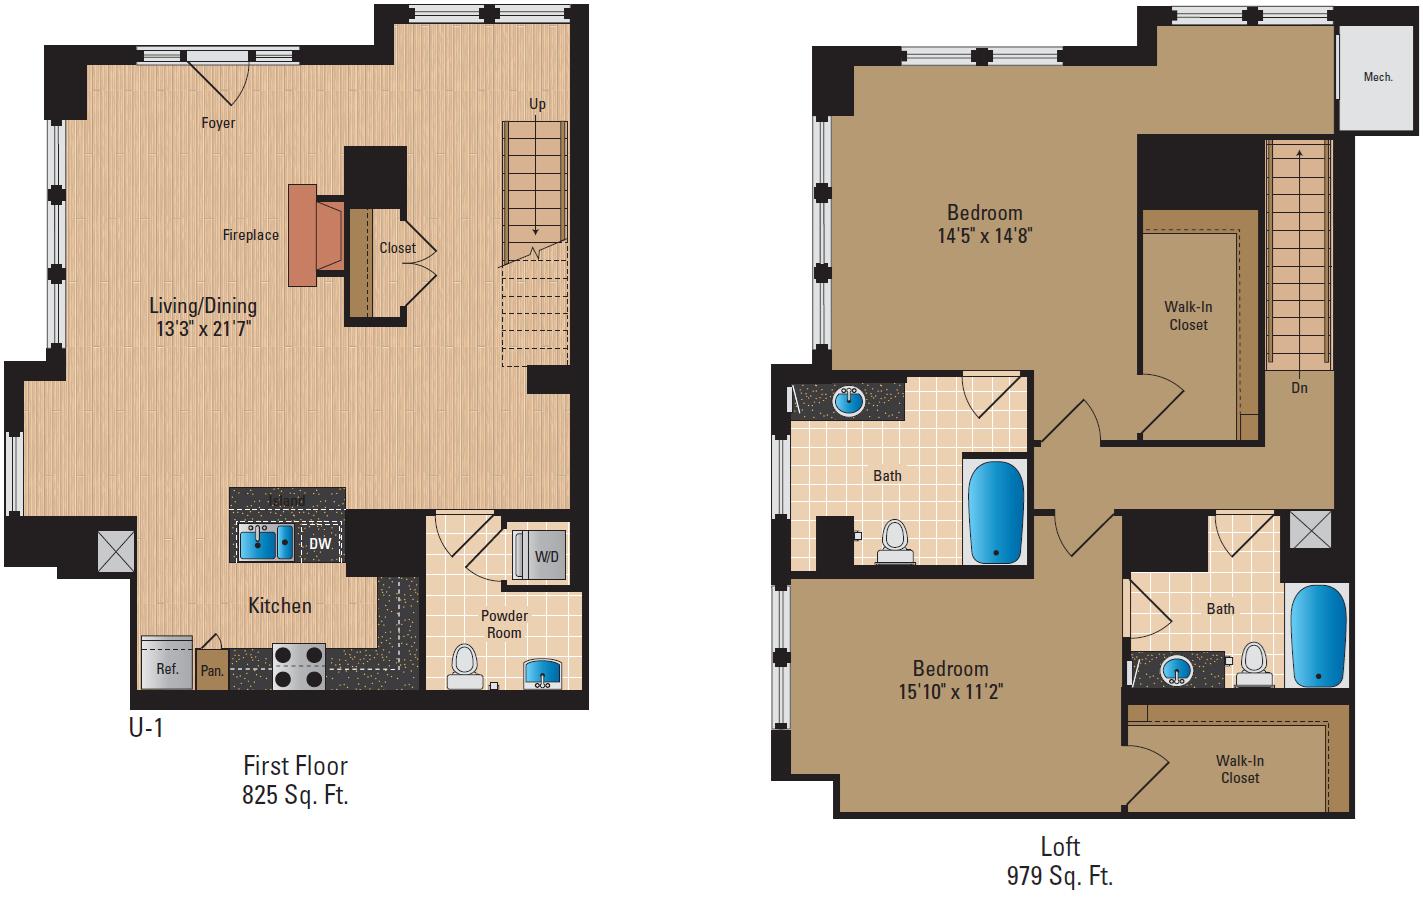 2 Bedroom Loft 2 Bath Floor Plan 7